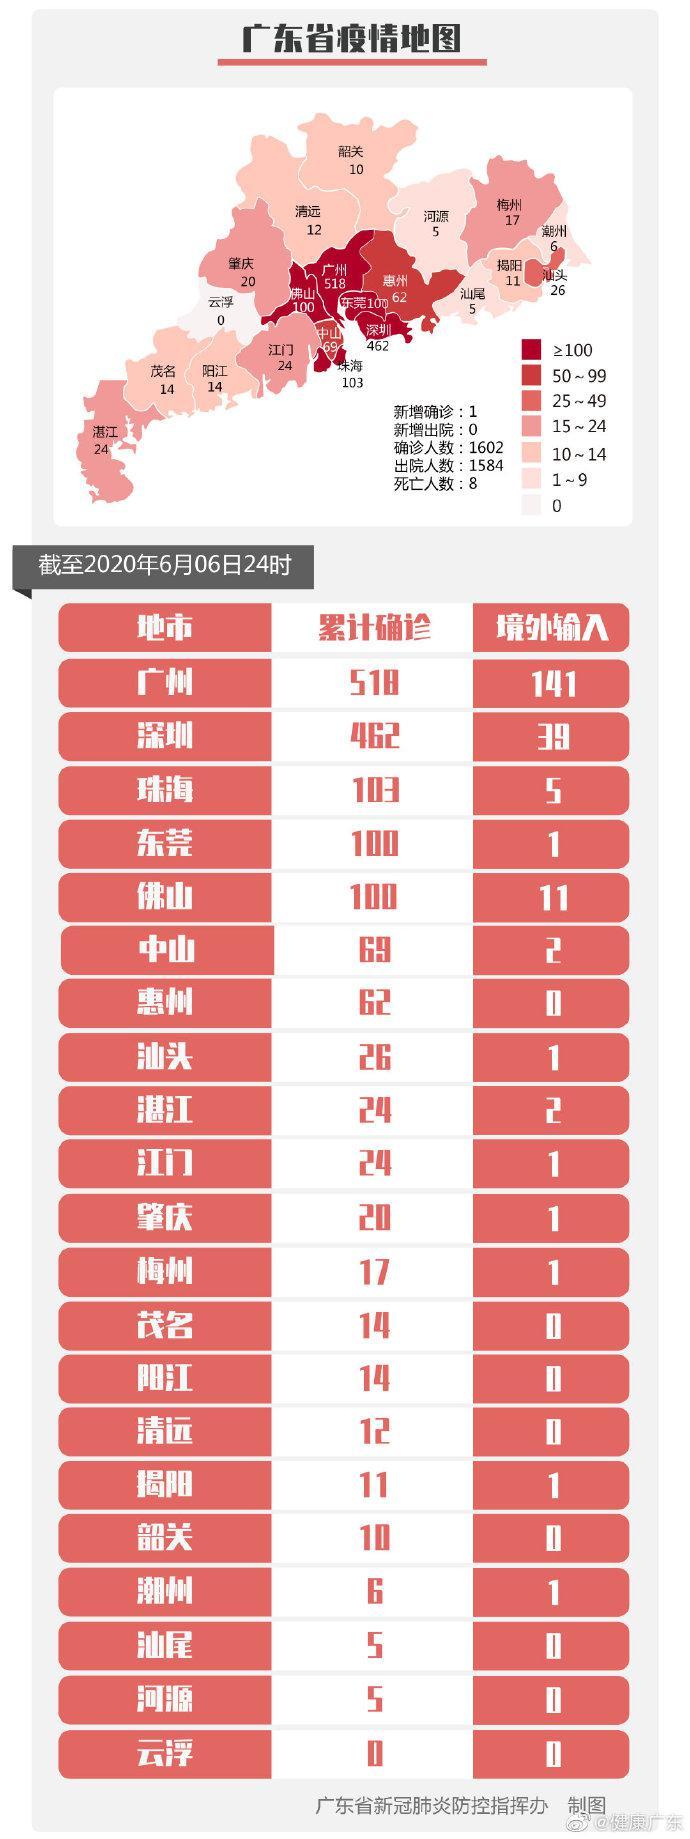 2020年6月7日广东省新冠肺炎疫情情况图片